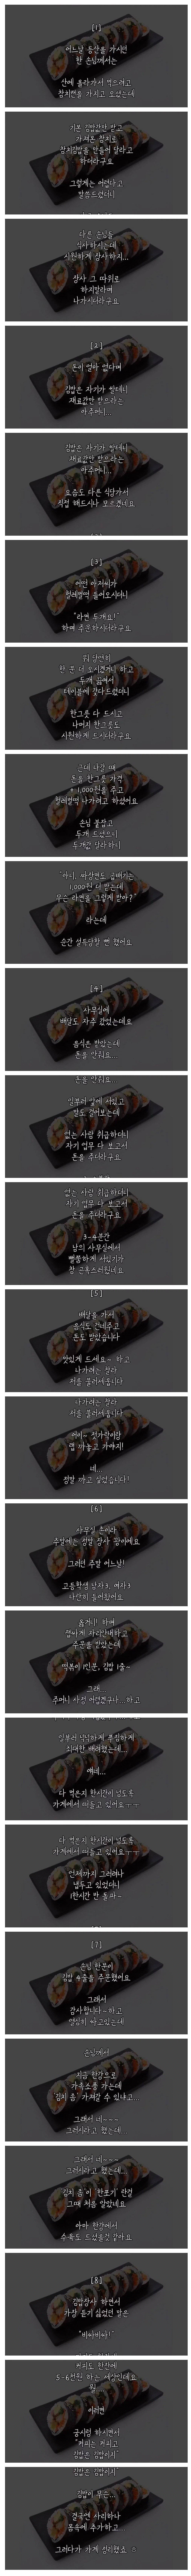 사장님이 김밥집을 접은 8가지 이유.jpg | 인스티즈